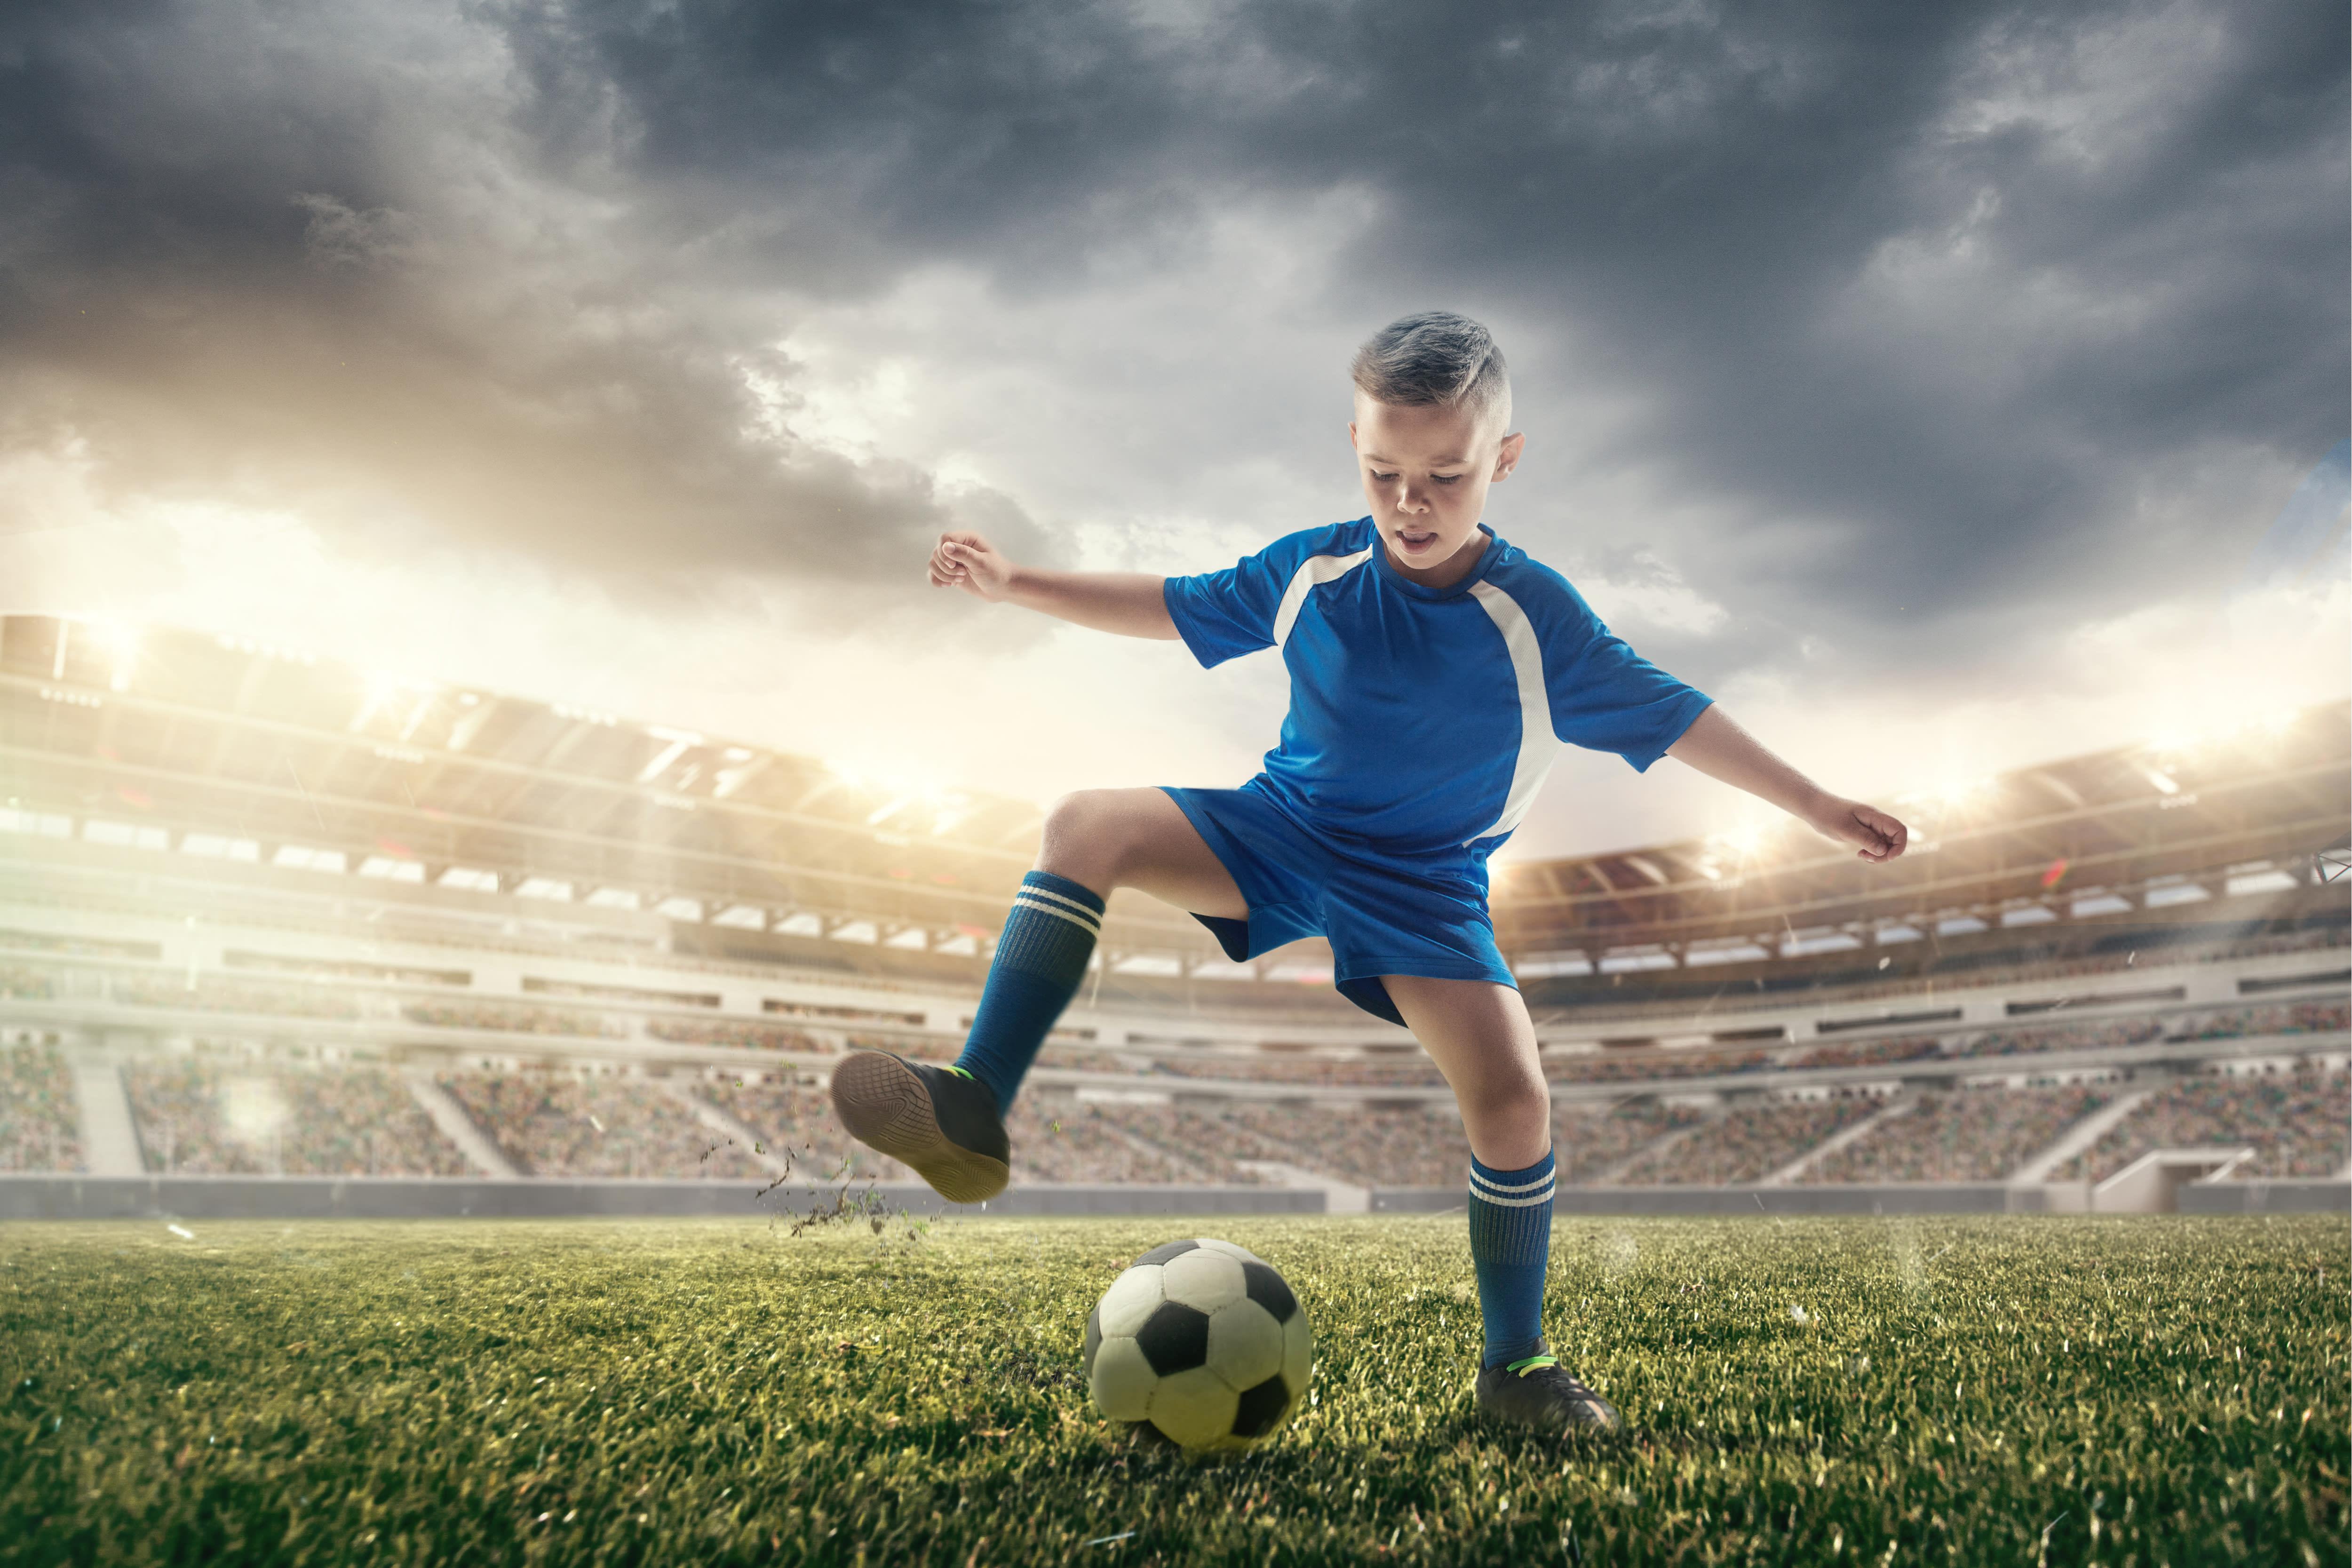 Futbol 101 para niños: reglas básicas para jugar